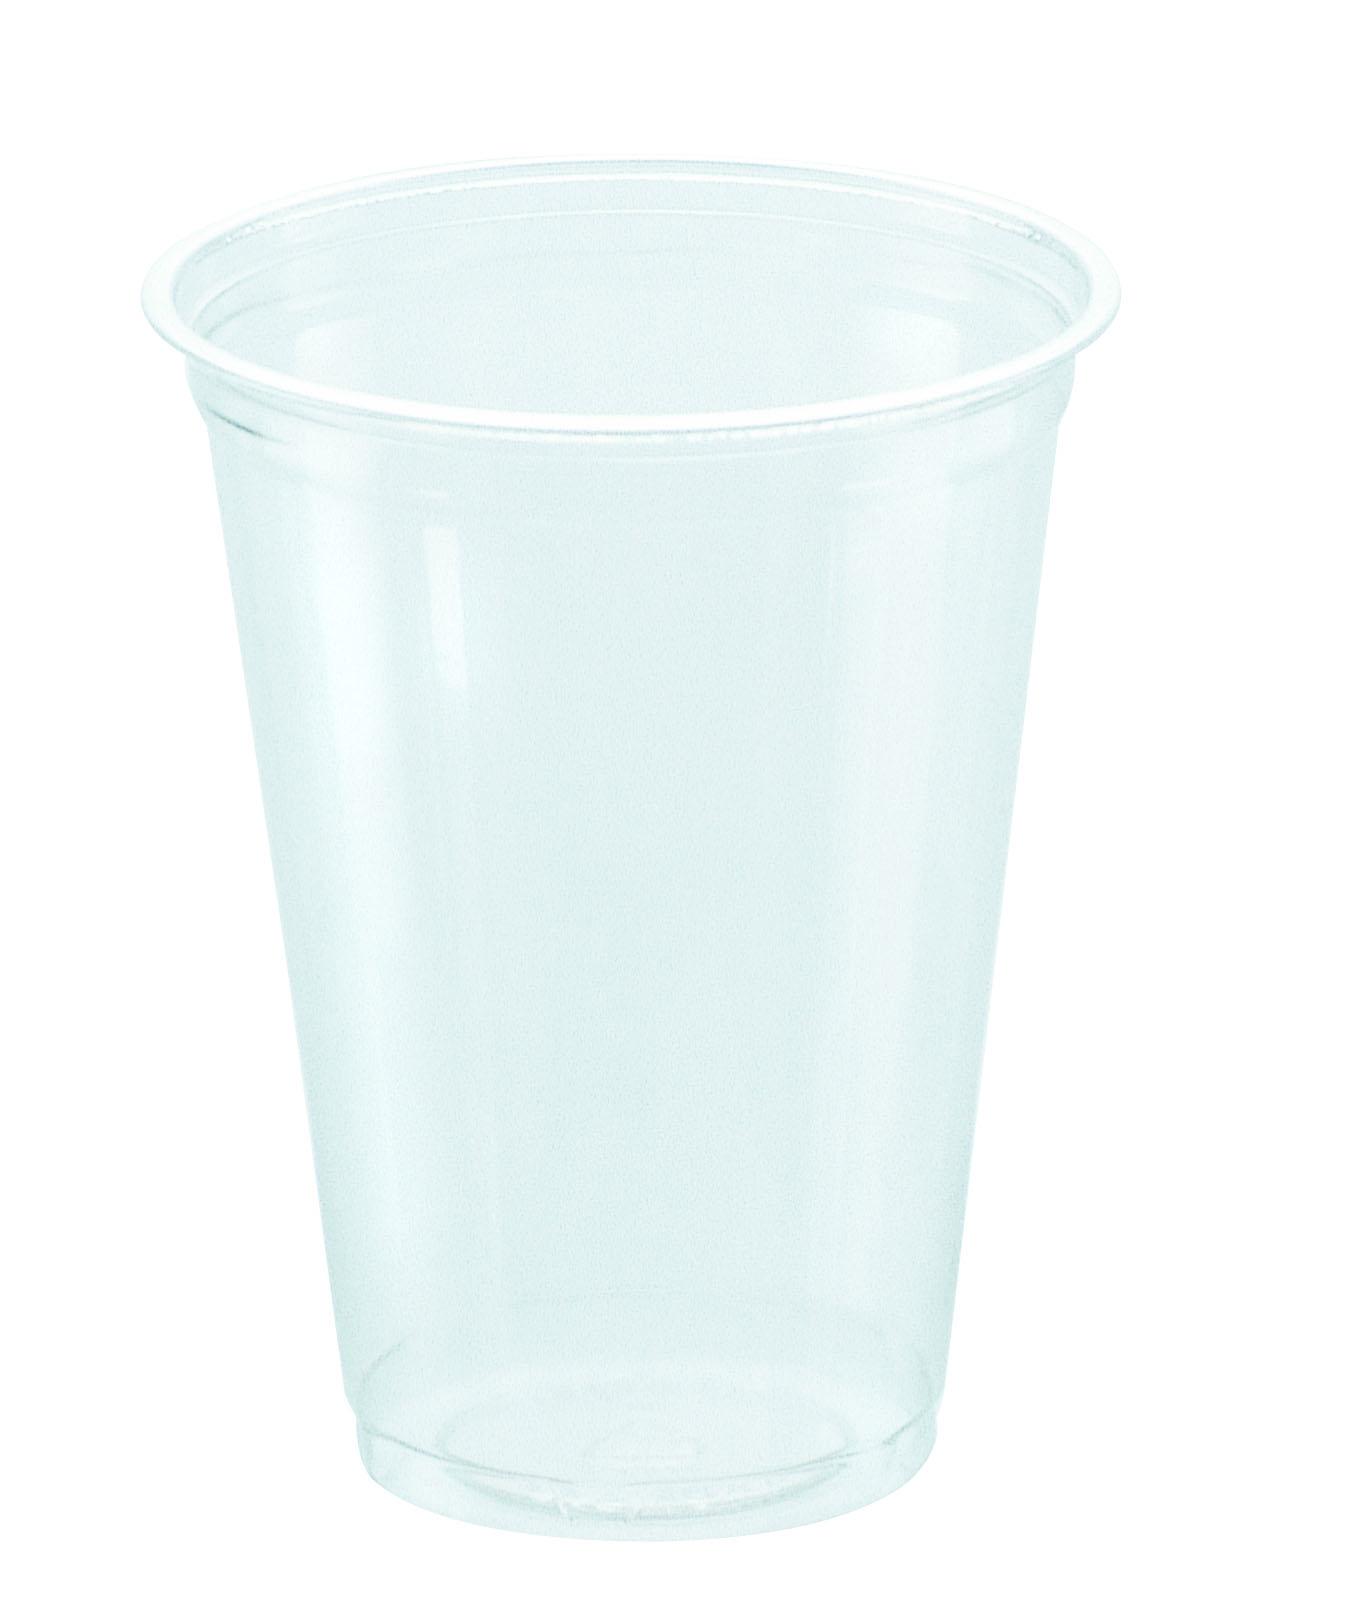 Bicchiere per Bevande Fredde cc.200/235 Biodegradabile Pz.100